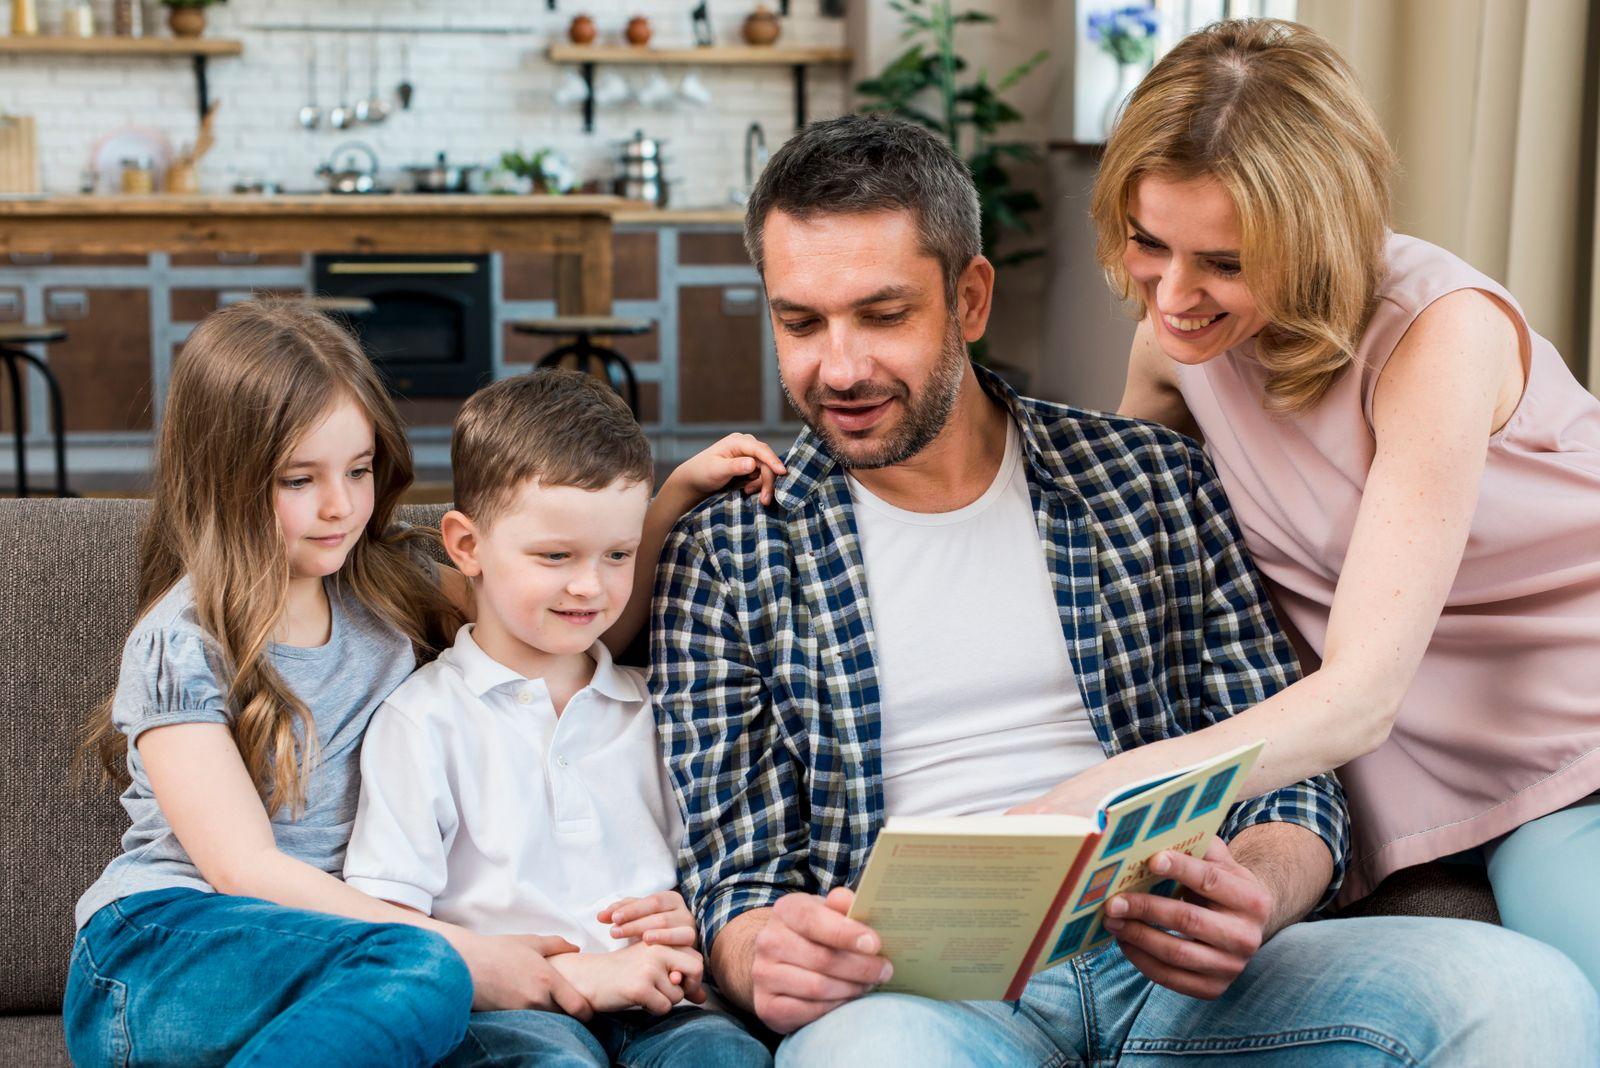 5 เทคนิคง่ายๆ ทำยังไงให้ลูกเป็นคนรักการอ่าน